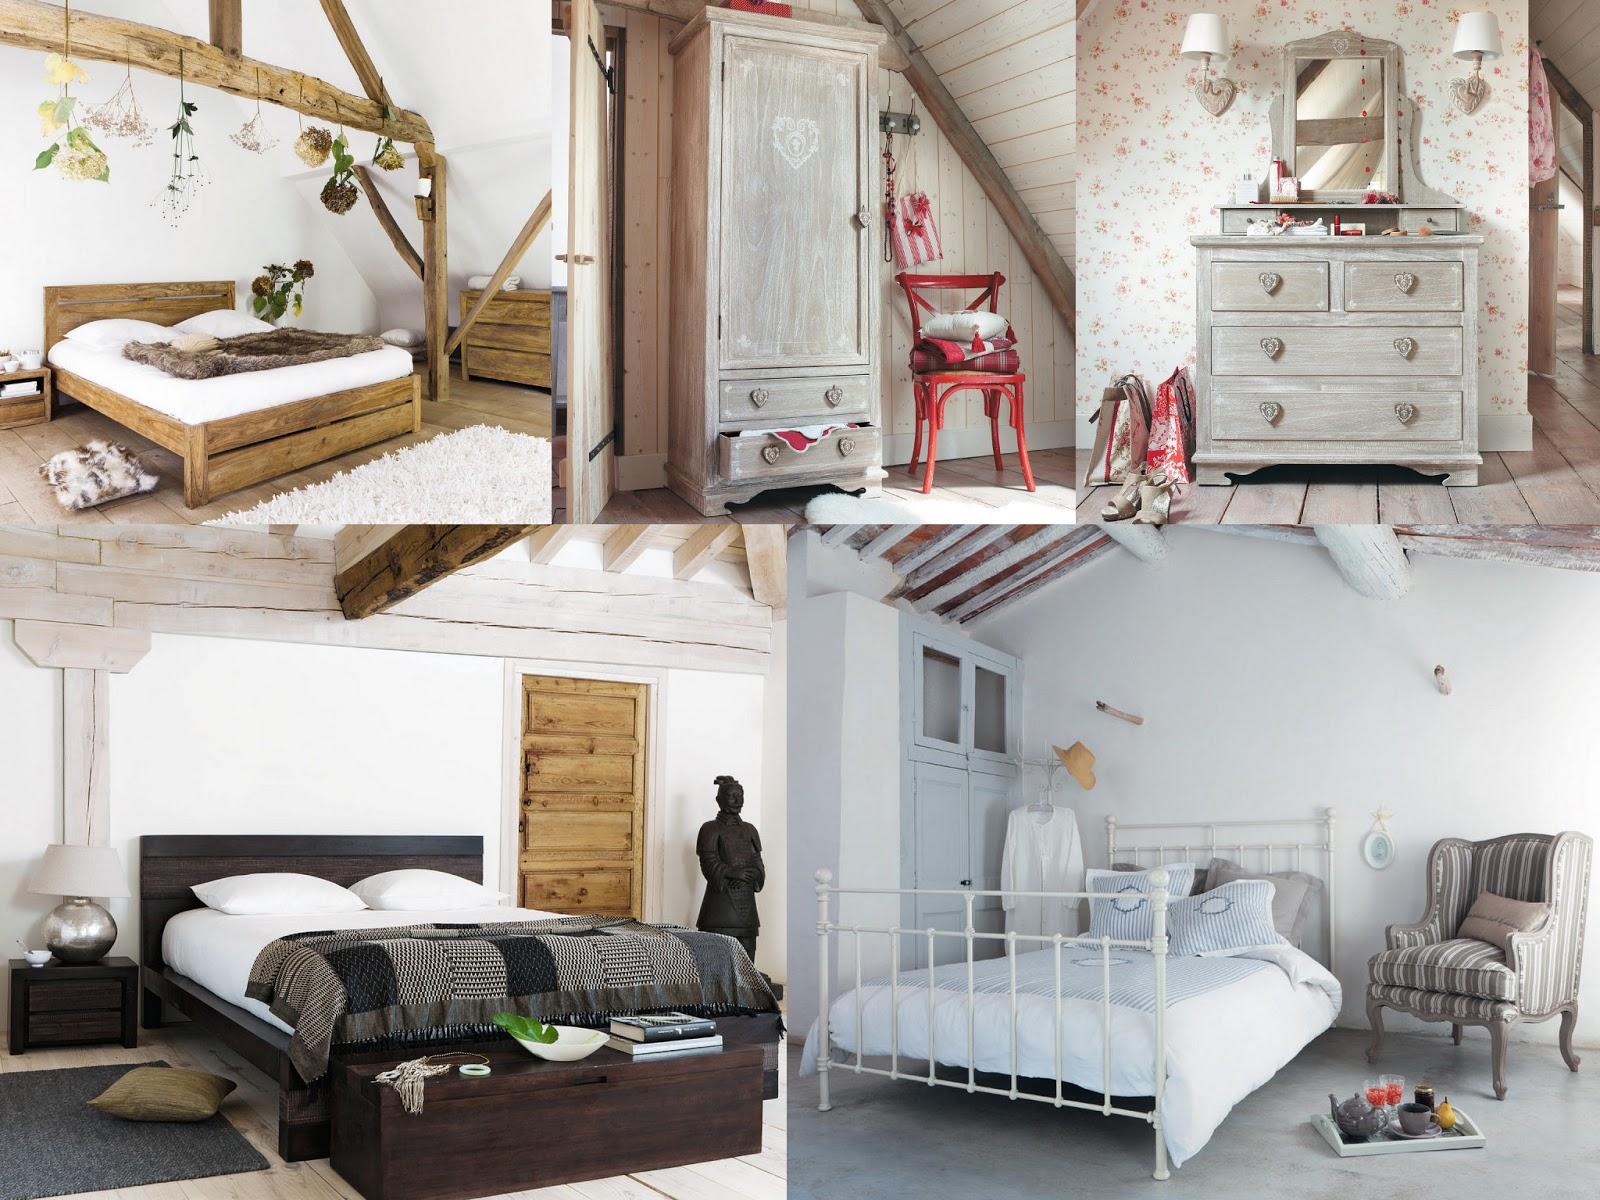 maison du monde france. Black Bedroom Furniture Sets. Home Design Ideas